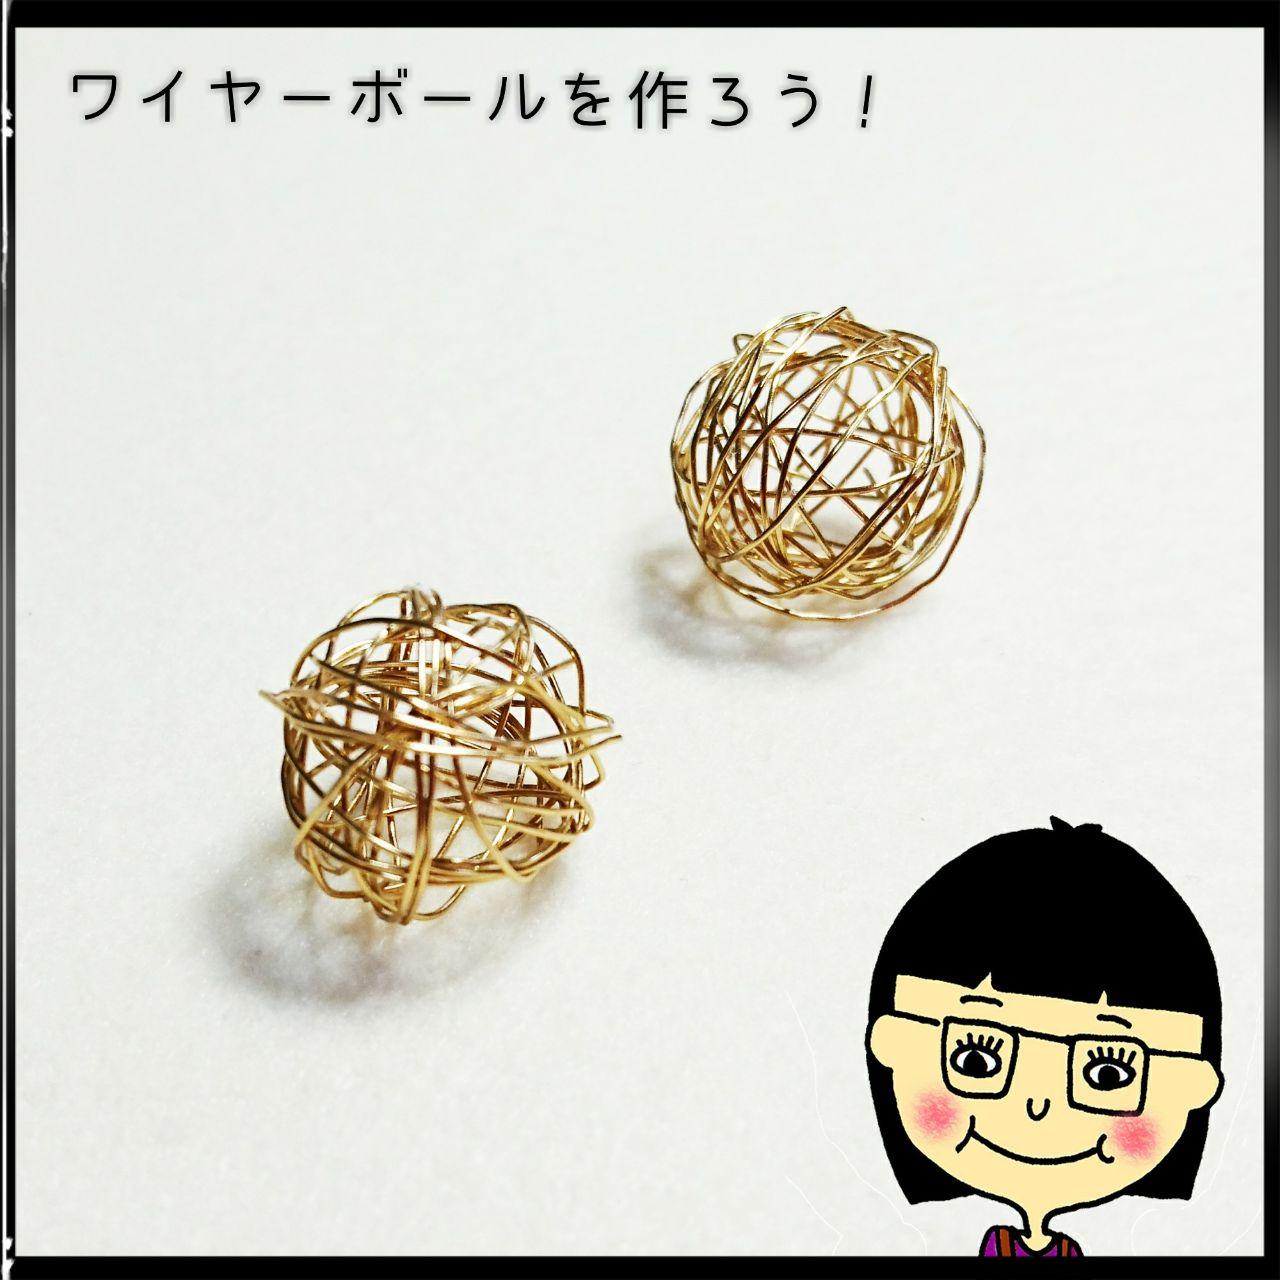 簡単に作れるワイヤーボール!